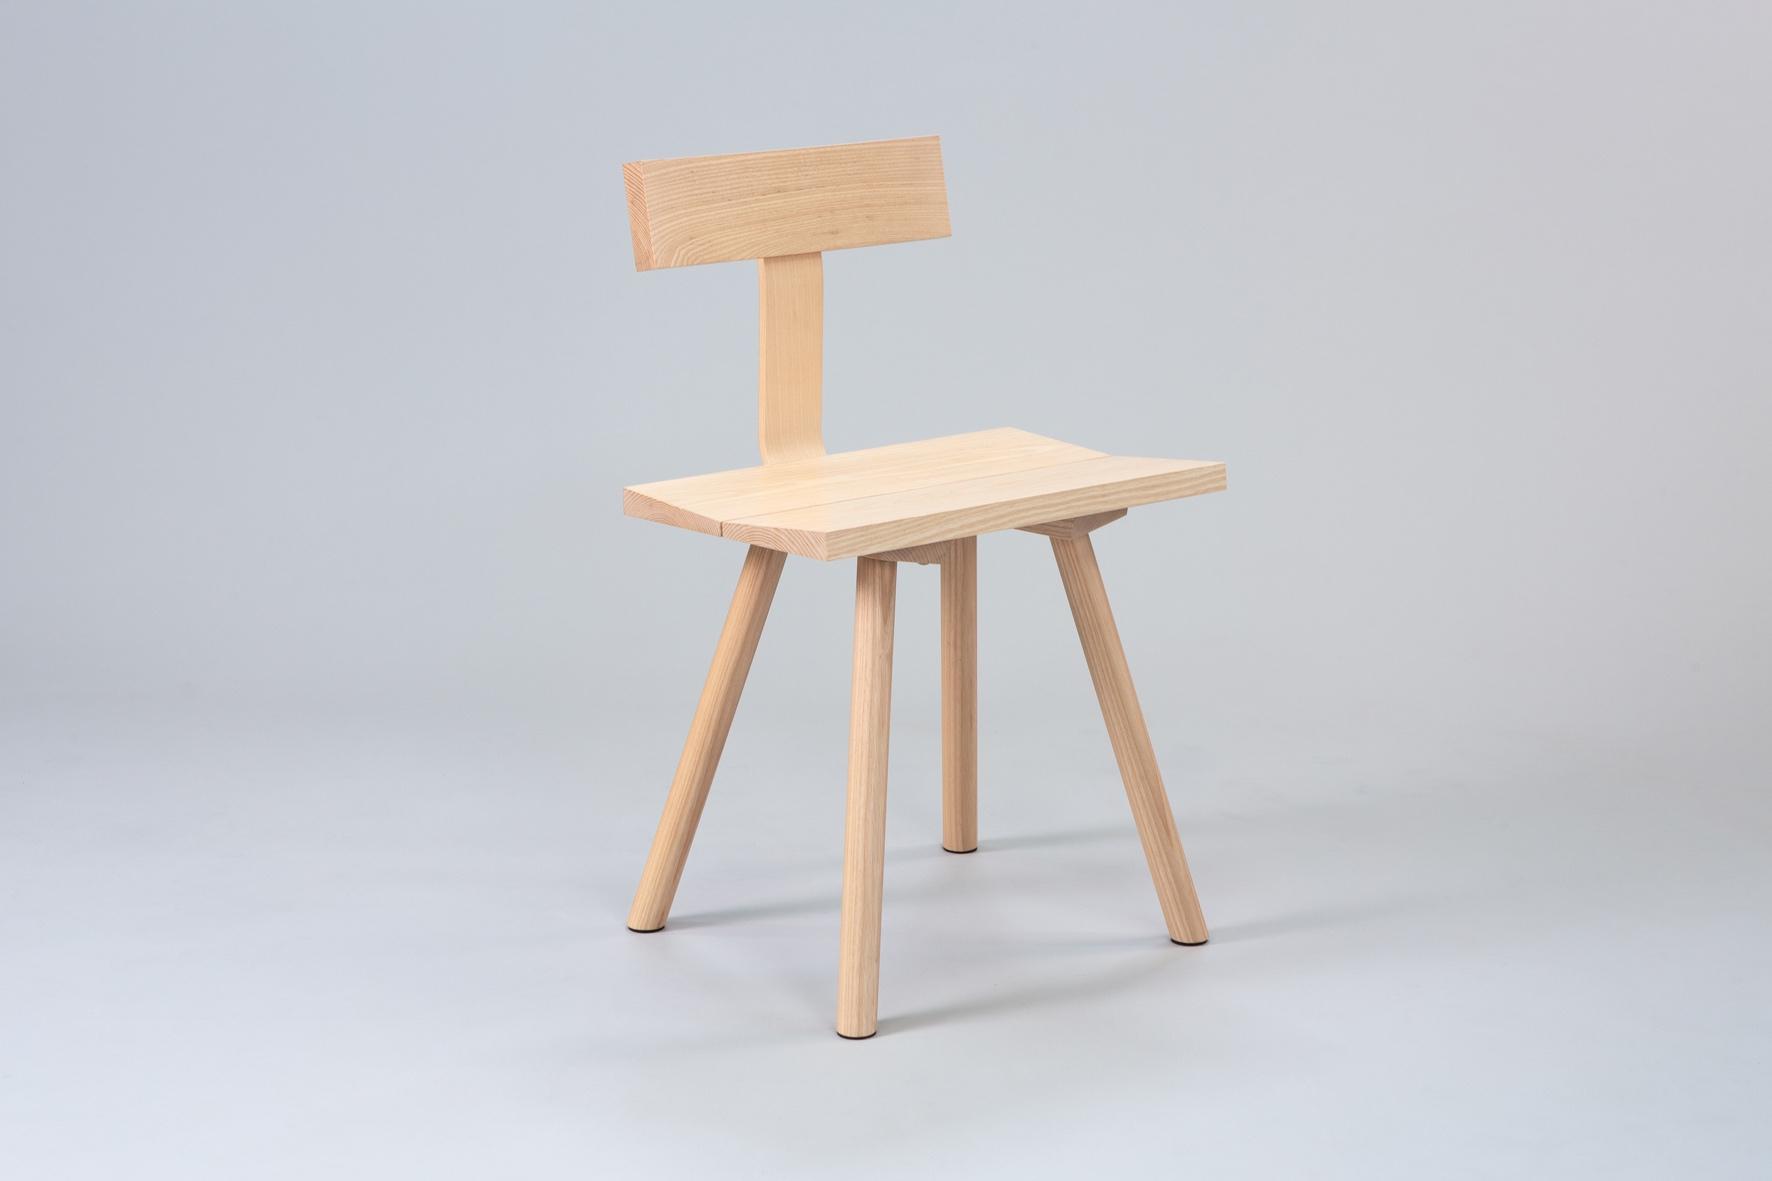 Cùram chair 2 small.jpg